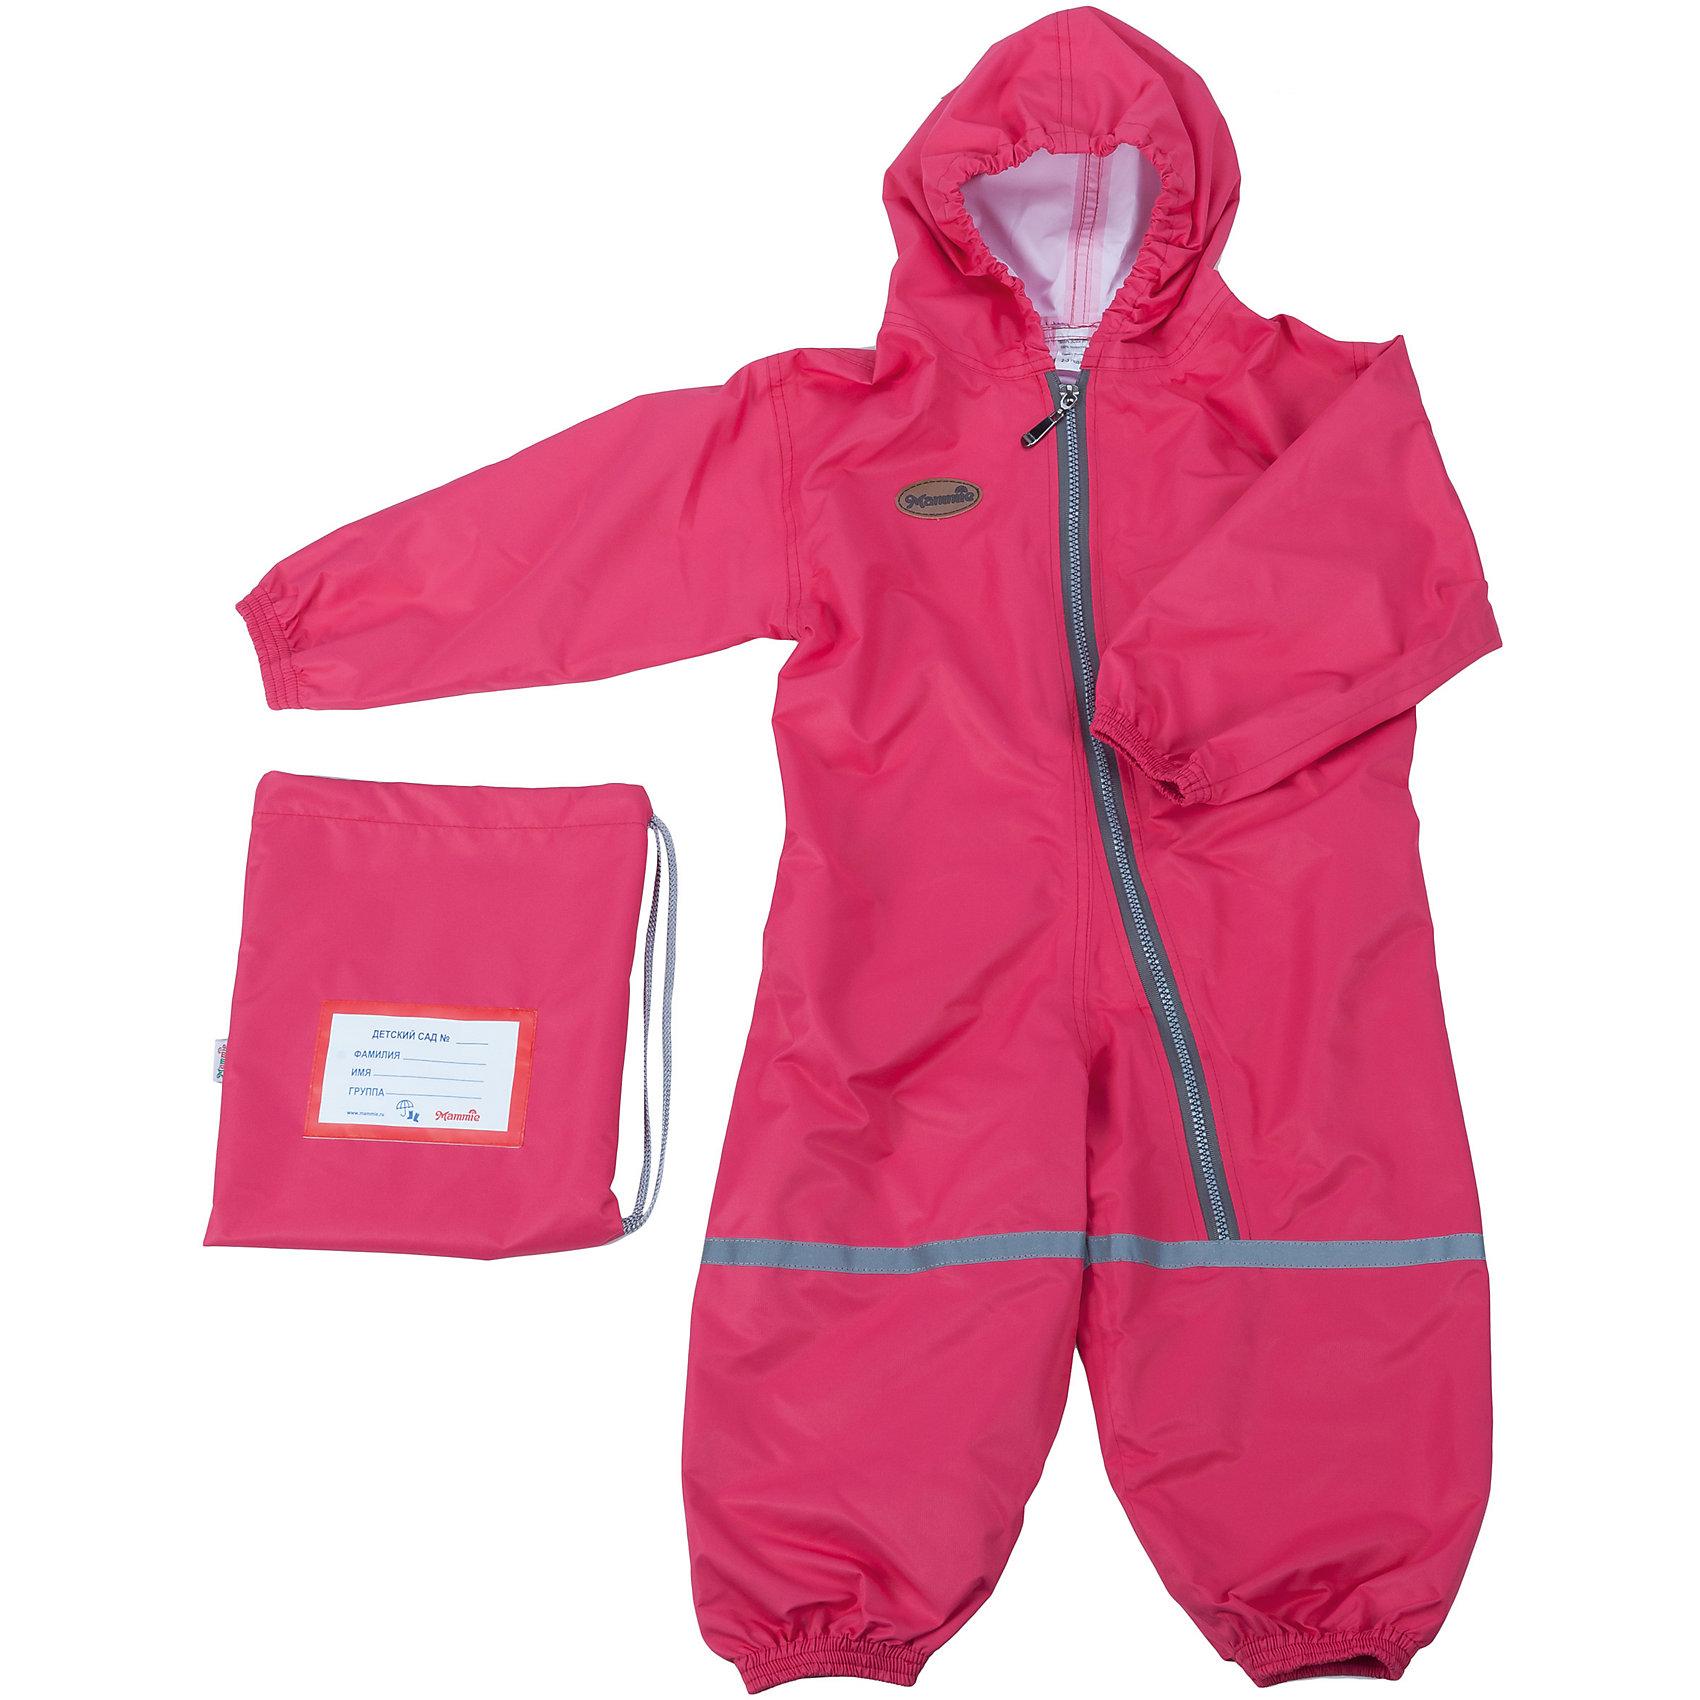 Комбинезон грязезащитный, р-р 2-3,мембрана, Mammie, фуксияВерхняя одежда<br>Комбинезон грязезащитный, р-р 2-3,мембрана, Mammie, фуксия.<br><br>Характеристики:<br><br>• Для детей от 2 до 3 лет (рост 98-104 см.)<br>• Комплектация: комбинезон, мешочек с именной нашивкой<br>• Сезон: весна, лето, осень<br>• Температурный диапазон: от -5°С до +25°С<br>• Цвет: фуксия<br>• Материал: мембрана - 100% полиэстер<br>• Водонепроницаемость: 3000 мм. <br>• Дышащие свойства: 3000 гр/кв.м/24ч.<br>• Уход: машинная стирка при 30°С<br>• Размер упаковки: 20х30х5 см.<br>• Вес: 200 гр.<br><br>Детский грязезащитный, 100% непромокаемый дышащий комбинезон одевается поверх любой верхней одежды. Комбинезон утянут в поясе при помощи резинки. Глубокая молния позволяет ребенку самостоятельно надеть комбинезон. Ткань комбинезона не препятствует воздухообмену. Швы проклеены водозащитной лентой. Светоотражающие элементы повышают безопасность ребенка в темное время суток. Комбинезон отлично подходит для прогулок в детском саду в осенне-весенний период с грязью, лужами и слякотью. Легко стирается и моментально сохнет. Упакован в индивидуальный мешочек с именной нашивкой, который можно подвесить в шкафчик ребенка.<br><br>Комбинезон грязезащитный, р-р 2-3,мембрана, Mammie, фуксия можно купить в нашем интернет-магазине.<br><br>Ширина мм: 200<br>Глубина мм: 300<br>Высота мм: 50<br>Вес г: 200<br>Возраст от месяцев: 24<br>Возраст до месяцев: 36<br>Пол: Унисекс<br>Возраст: Детский<br>SKU: 5613248